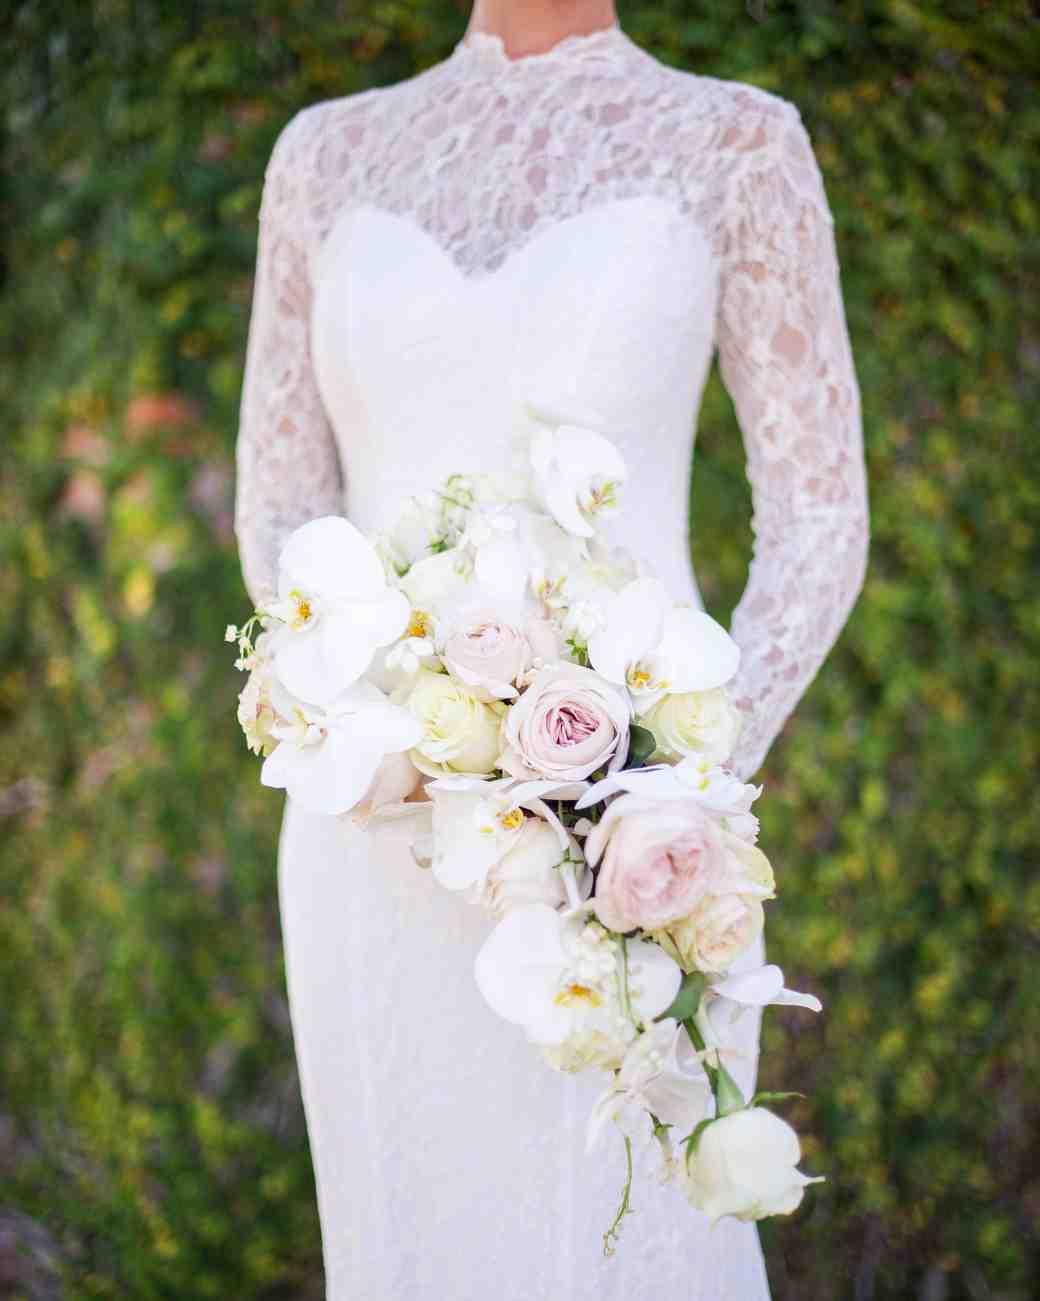 زیباترین مدل دسته گل عروس با رز سفید و ارکیده سفید